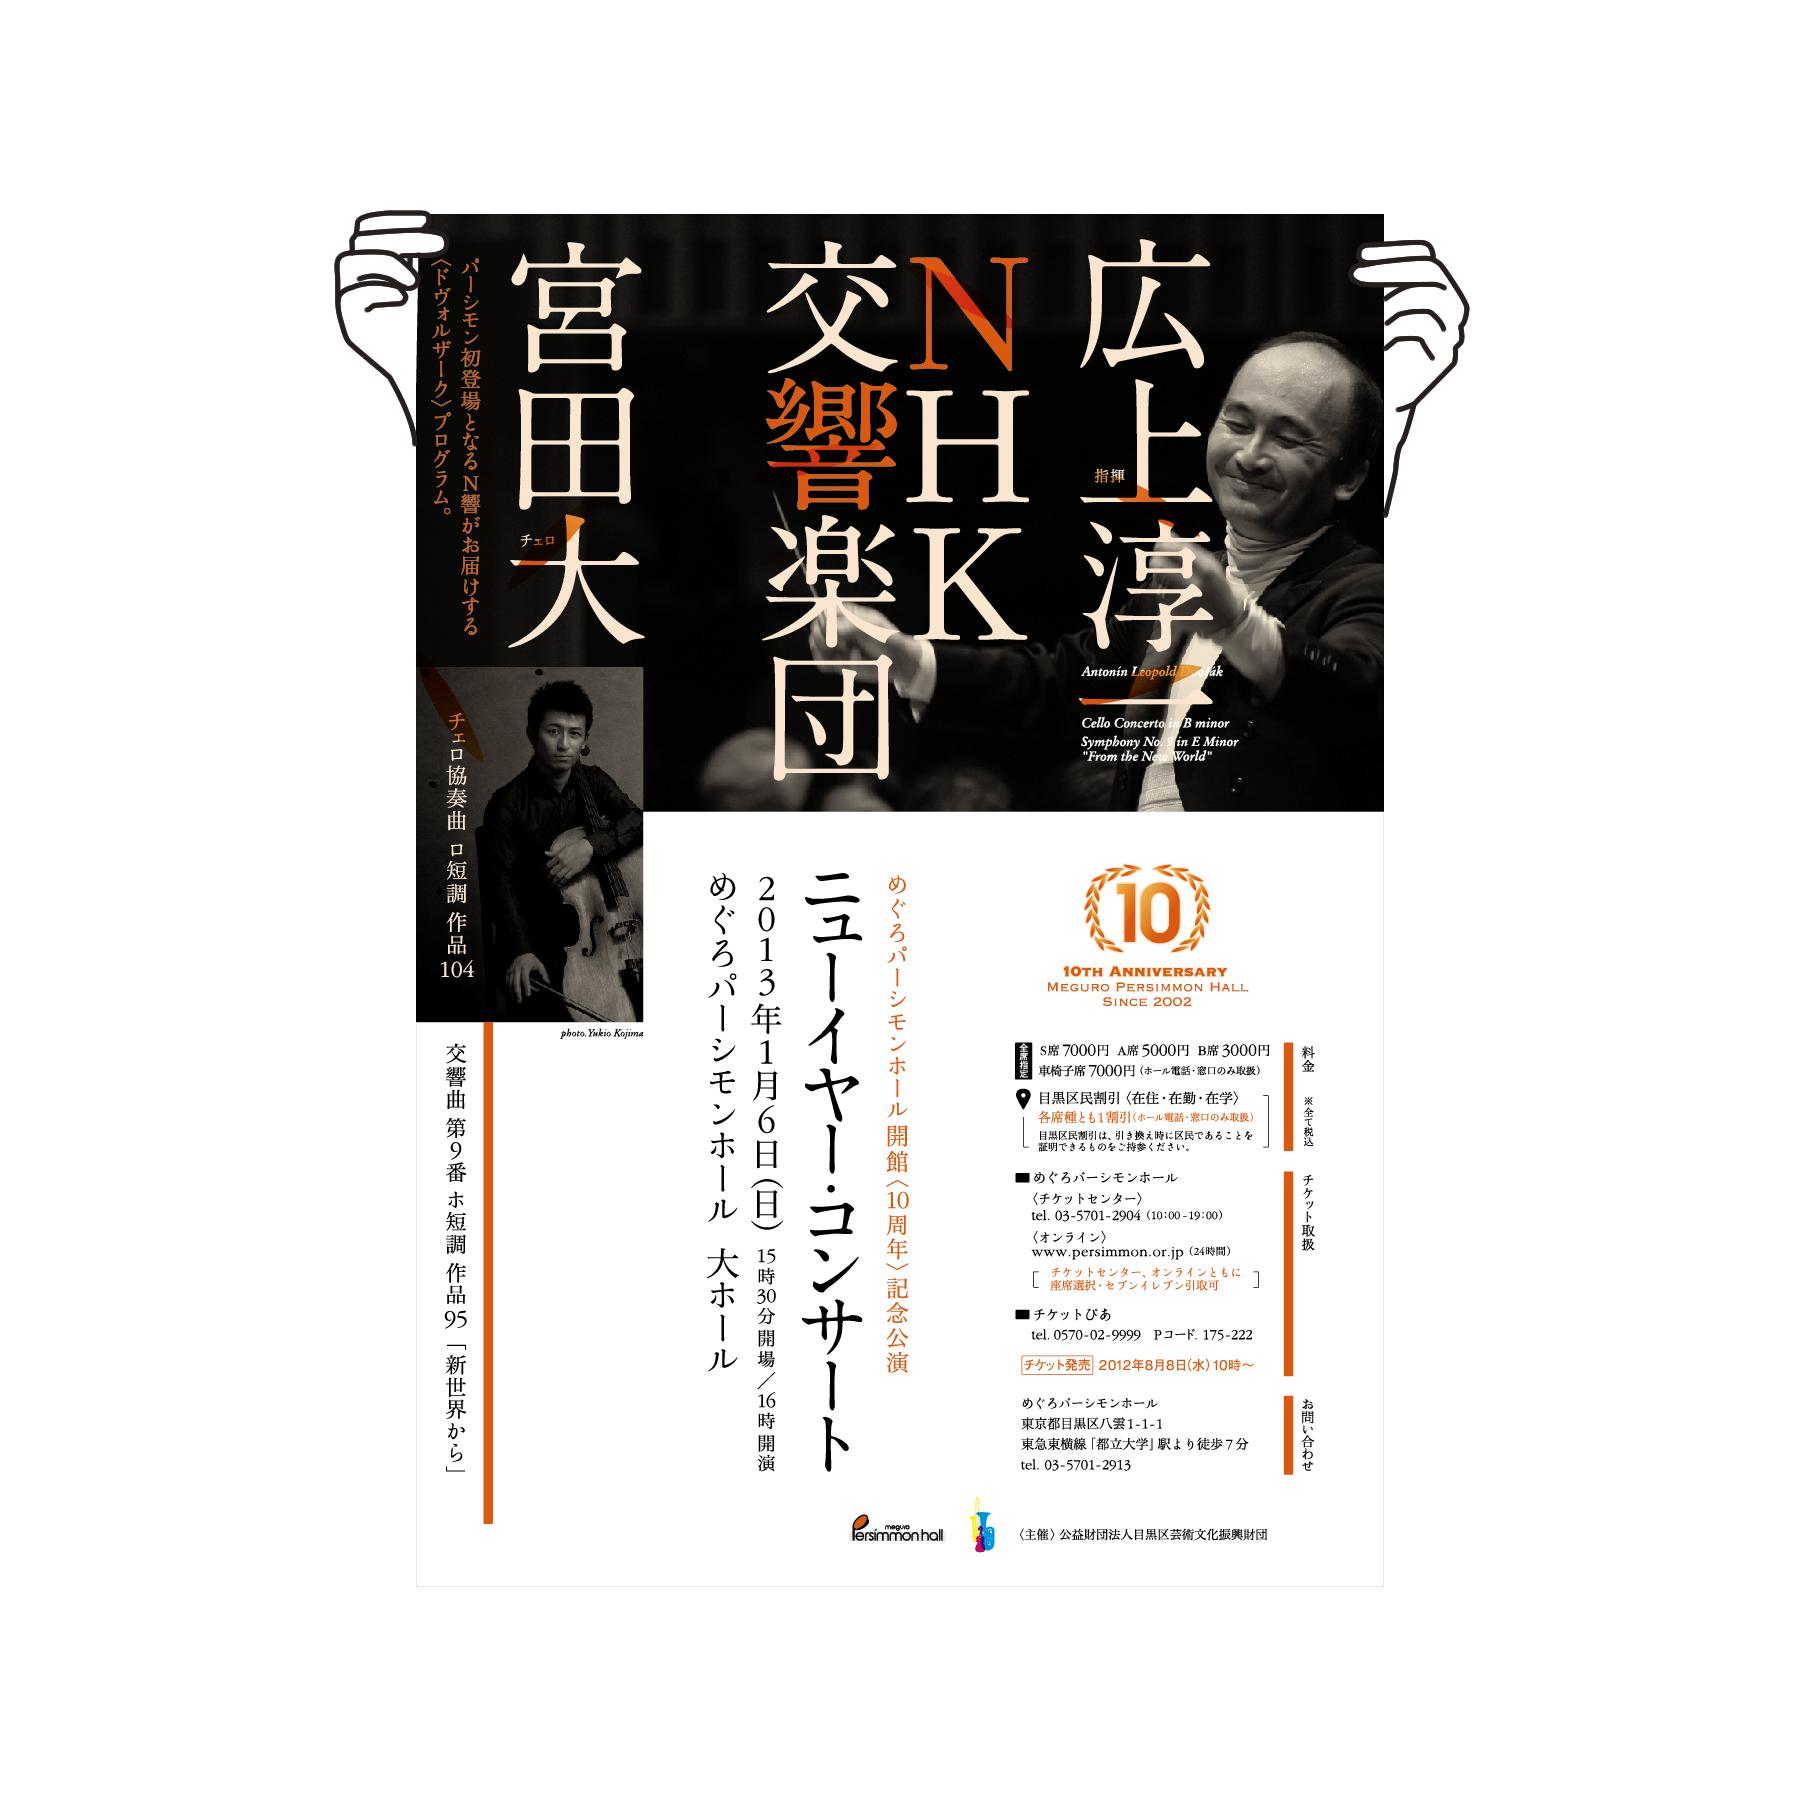 目黒区芸術文化振興財団 めぐろパーシモンホール|めぐろパーシモンホール開館10周年記念公演|NHK交響楽団ニューイヤー・コンサート|クラシック音楽|グラフィックデザイン ポスター フライヤー プログラム|東京都目黒区